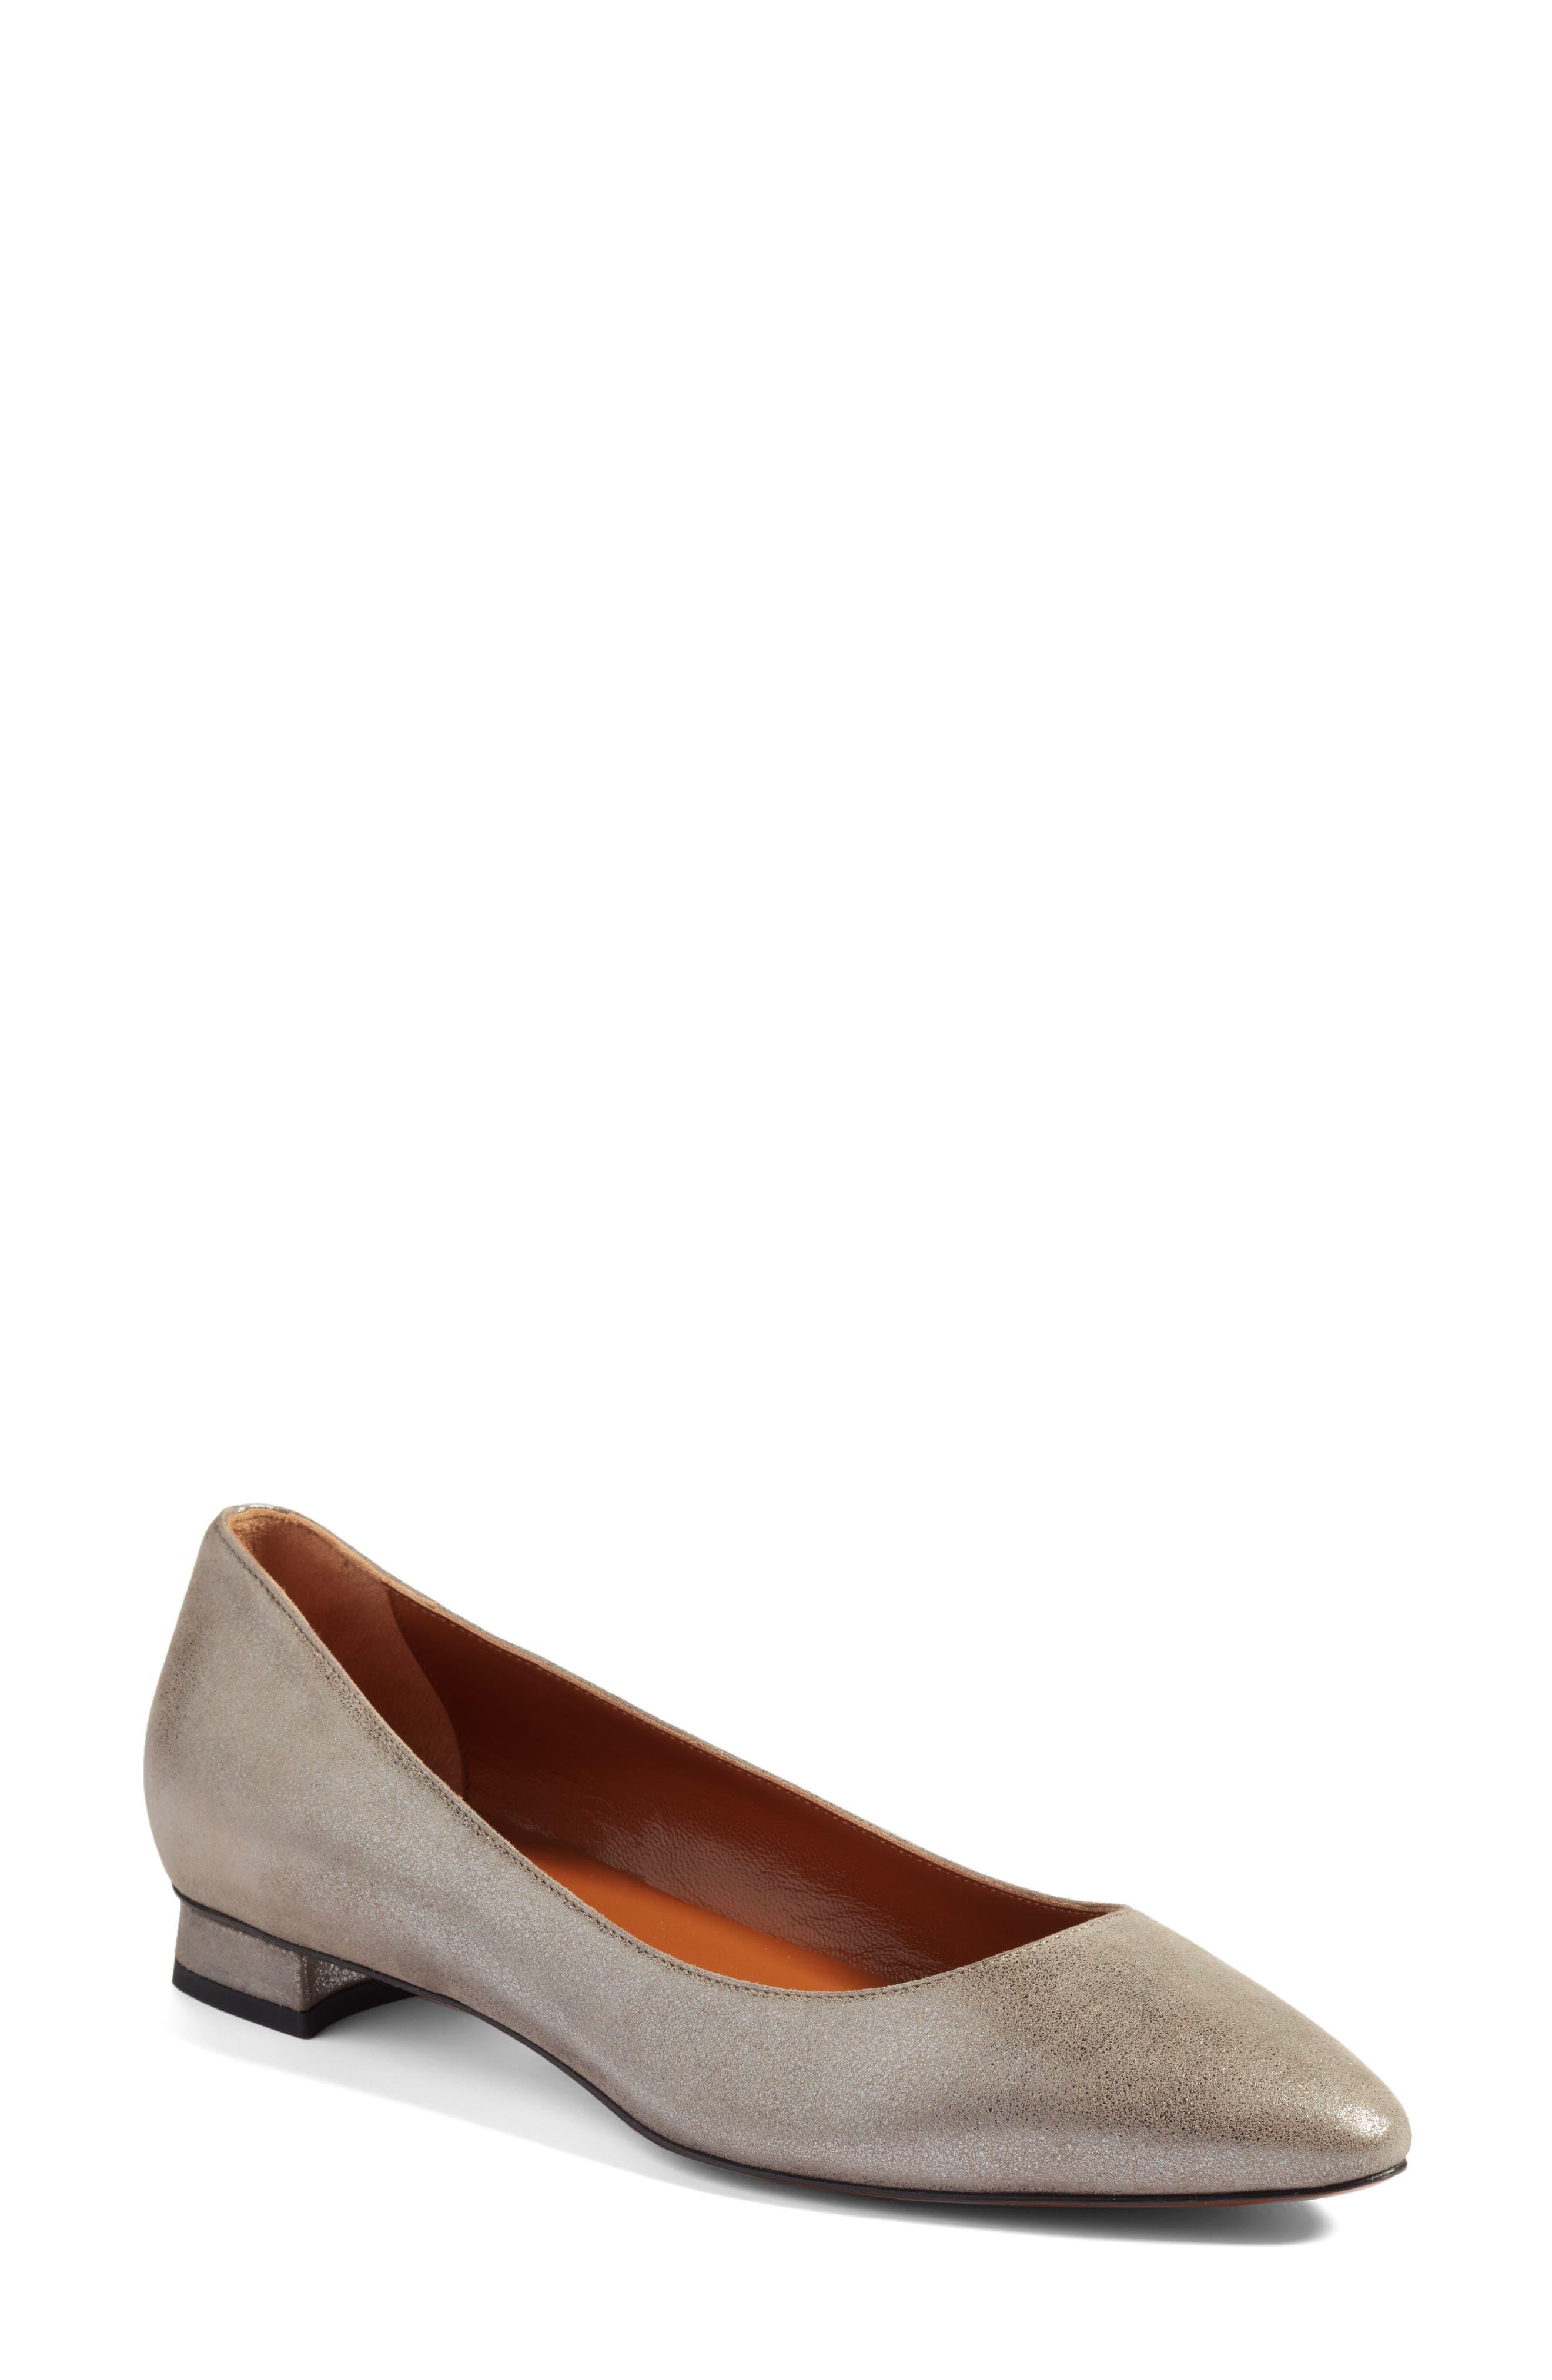 Aquatalia Perla Weatherproof Ballerina Shoe (Women)